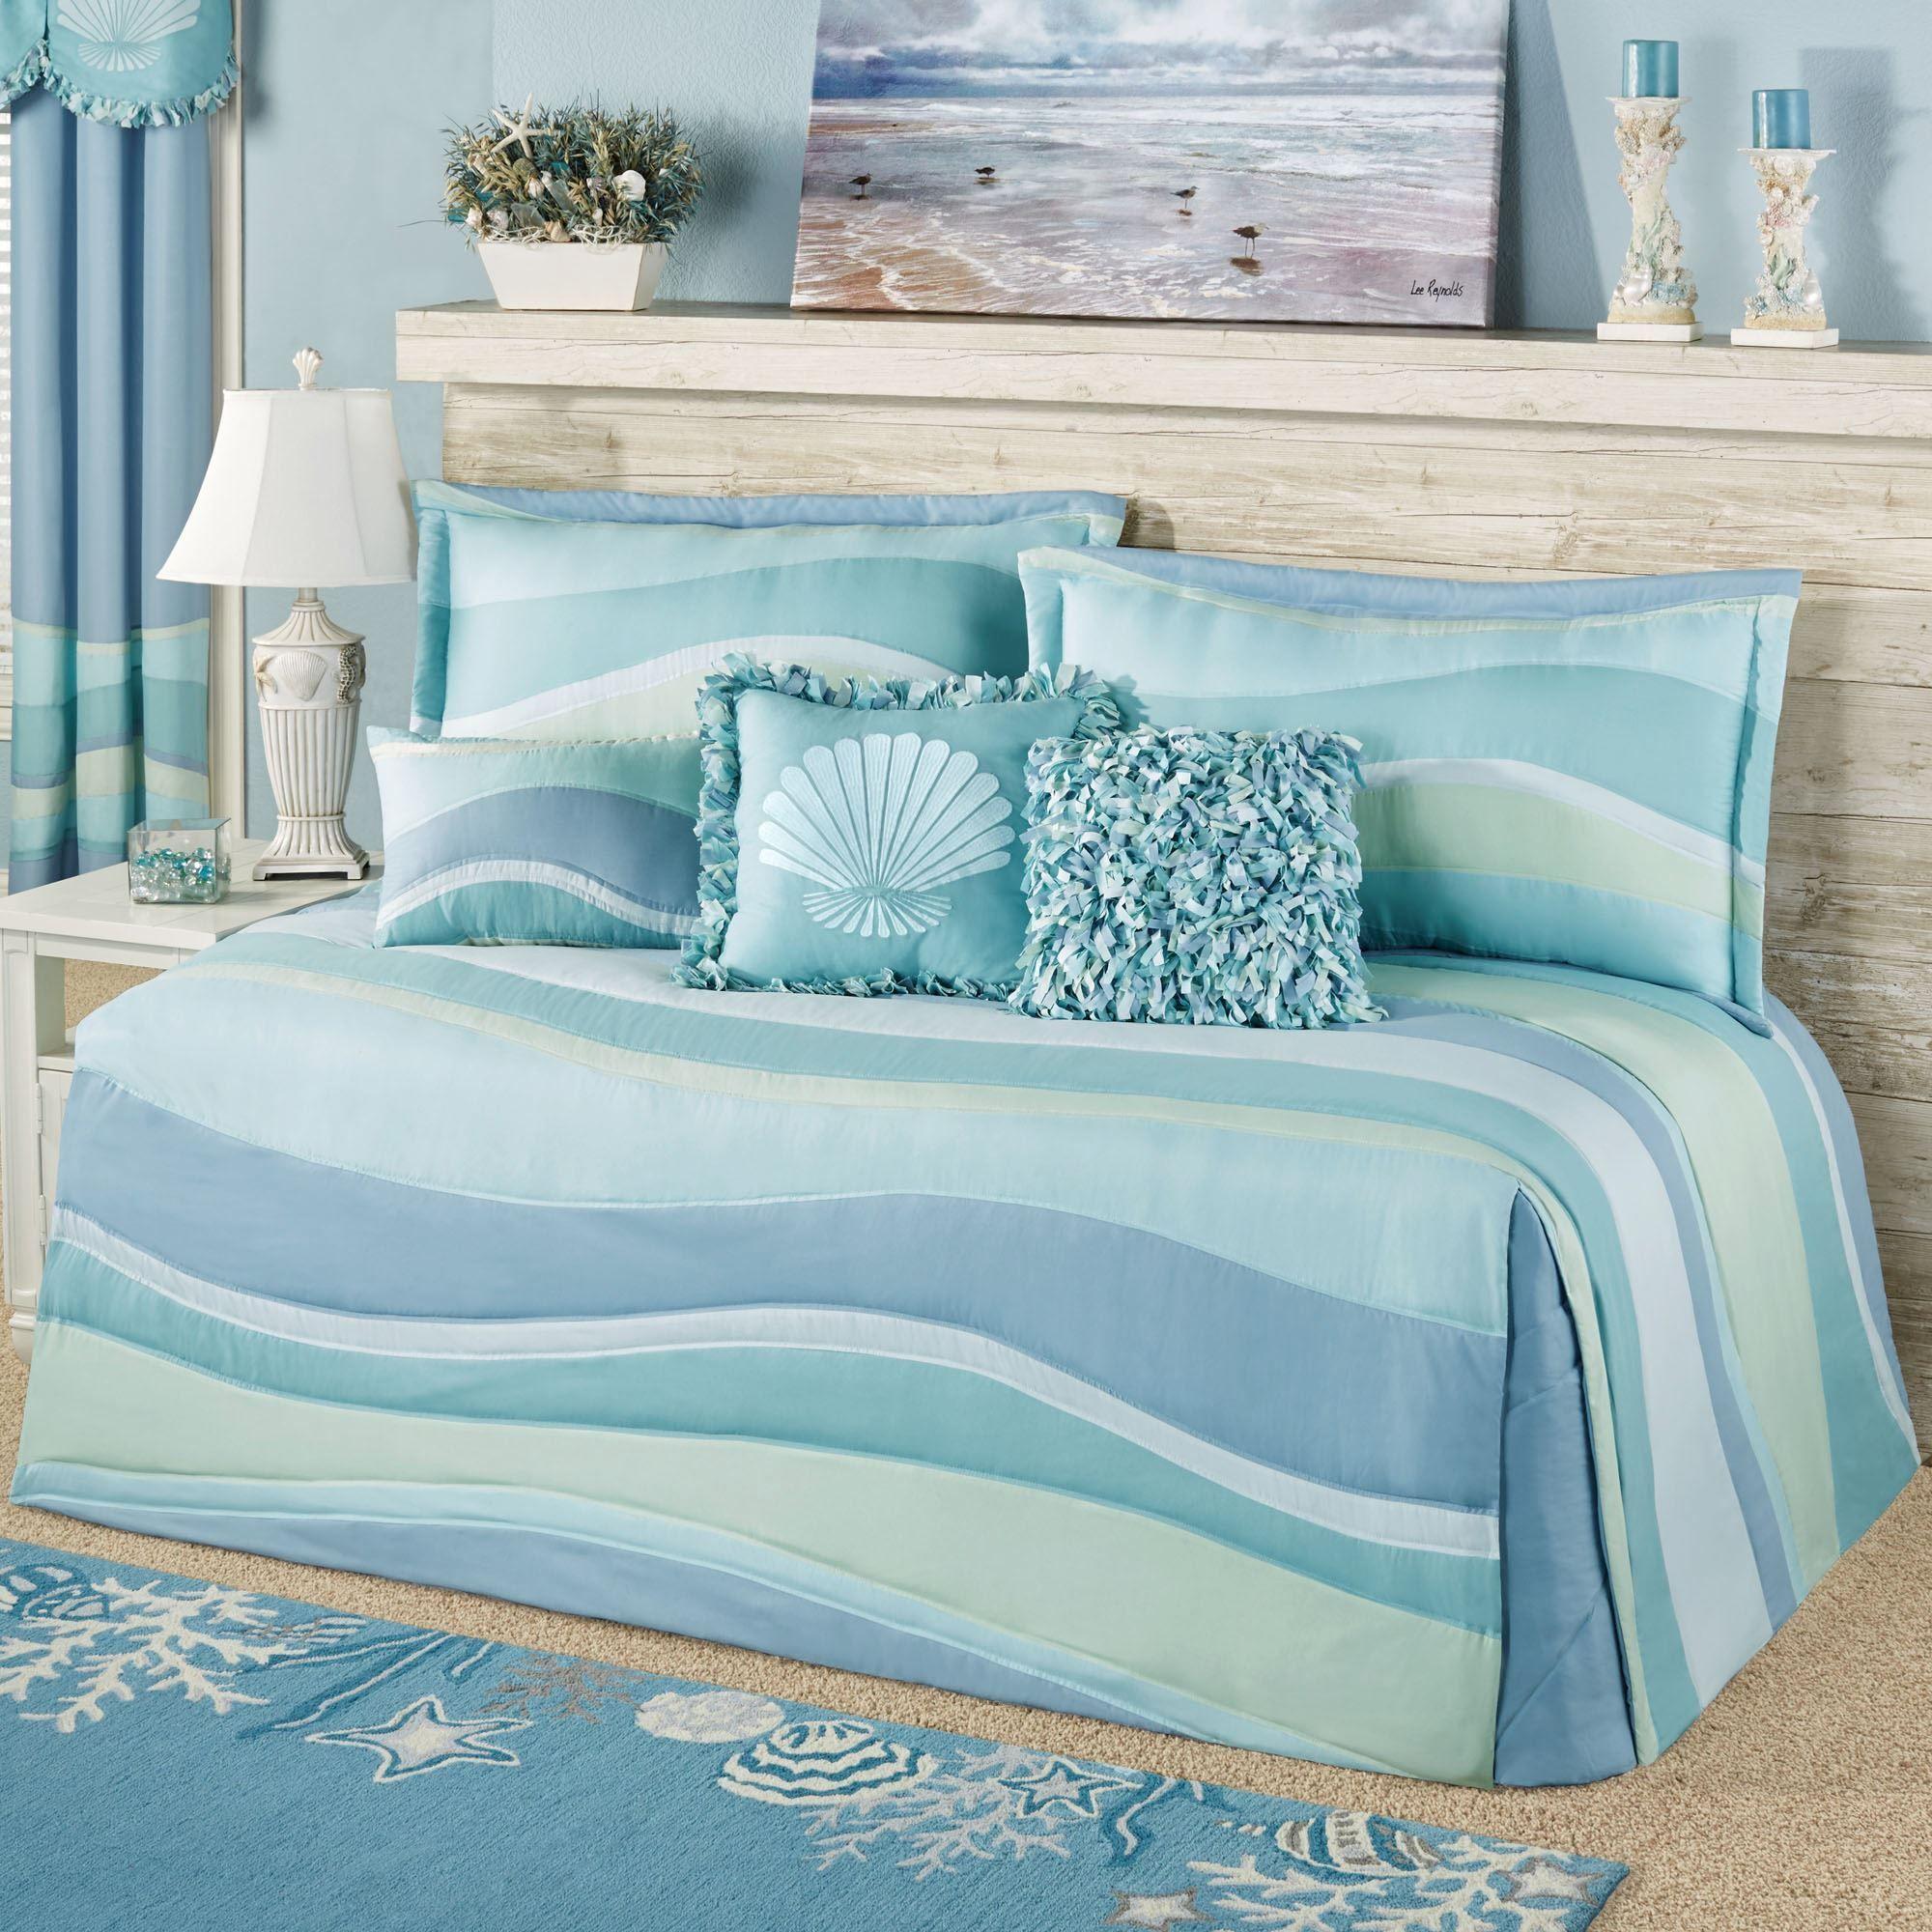 Ocean Tides Coastal Daybed Bedding Set